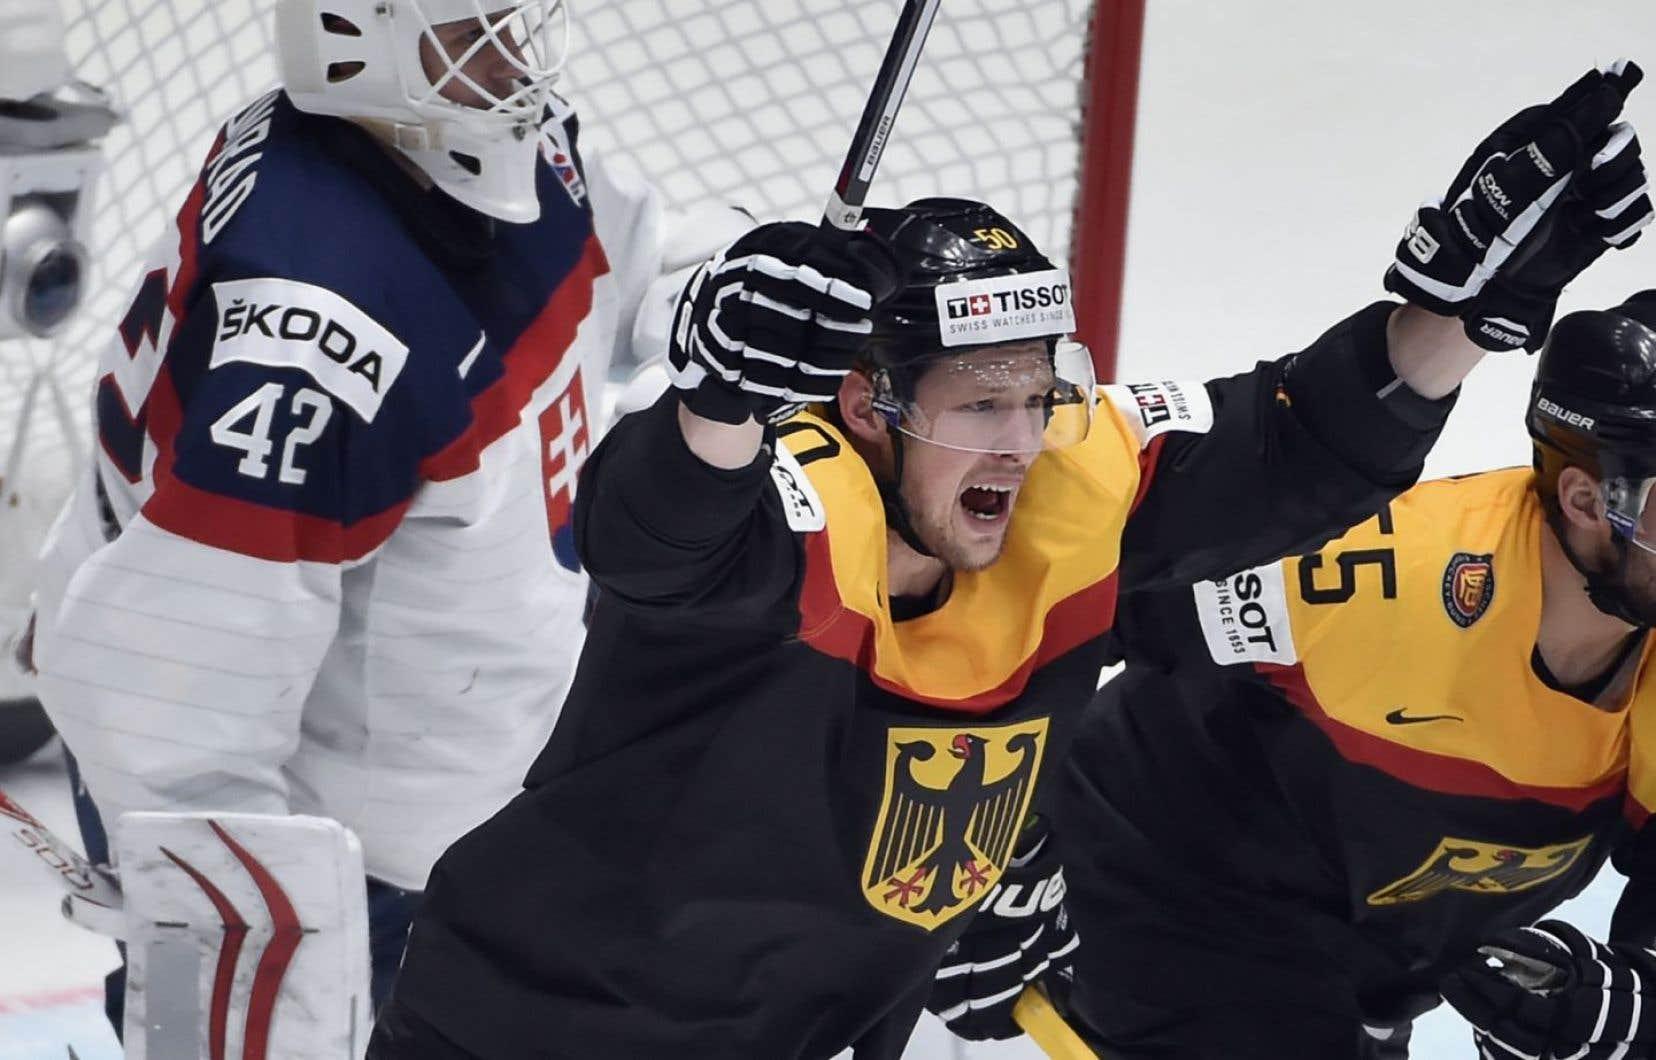 Le prochain adversaire de l'Allemagne est le Canada, qui totalise 20 buts à ses trois premiers matchs.